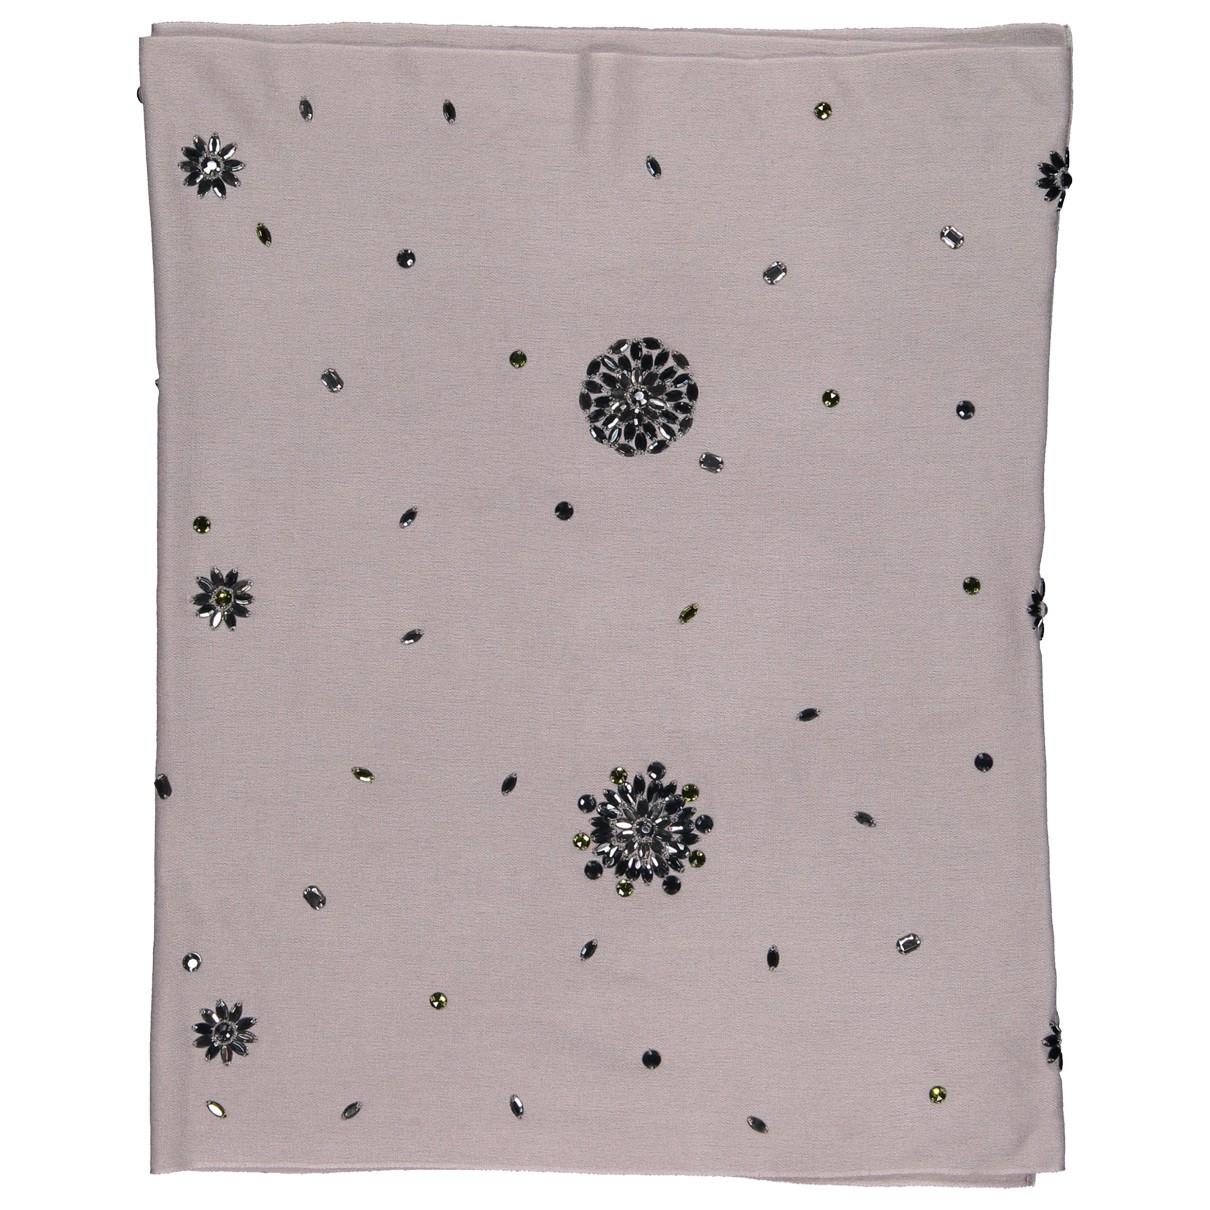 Dior \N Grey Cashmere scarf for Women \N